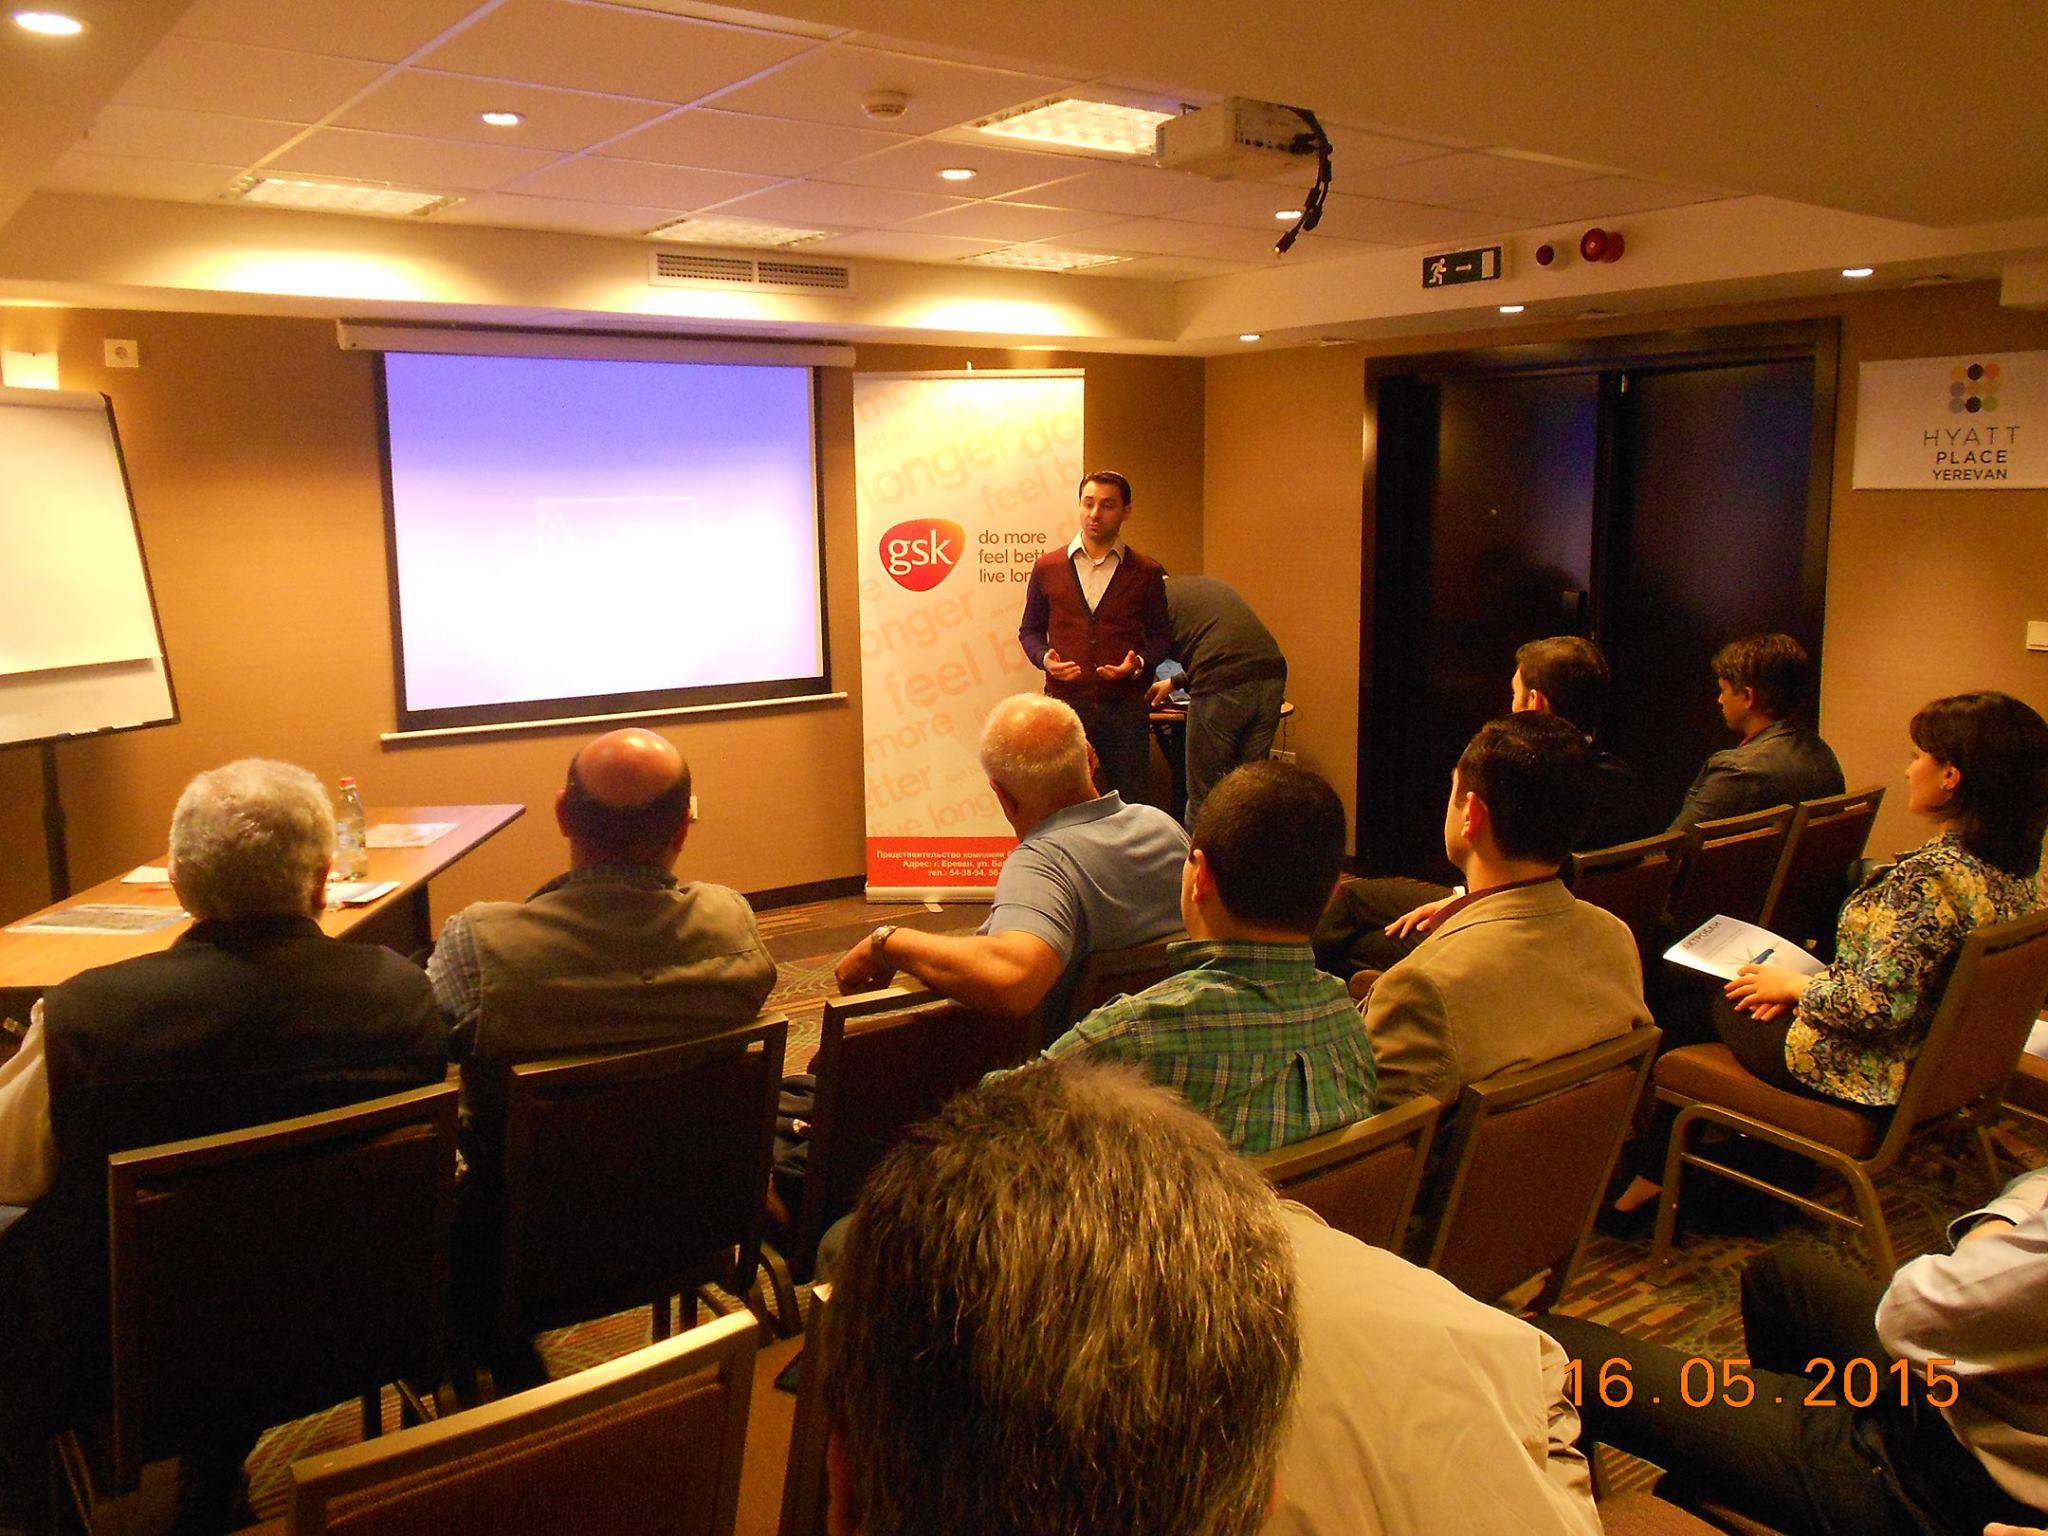 25.09.2015 Դիմածնոտային կոնֆերանս